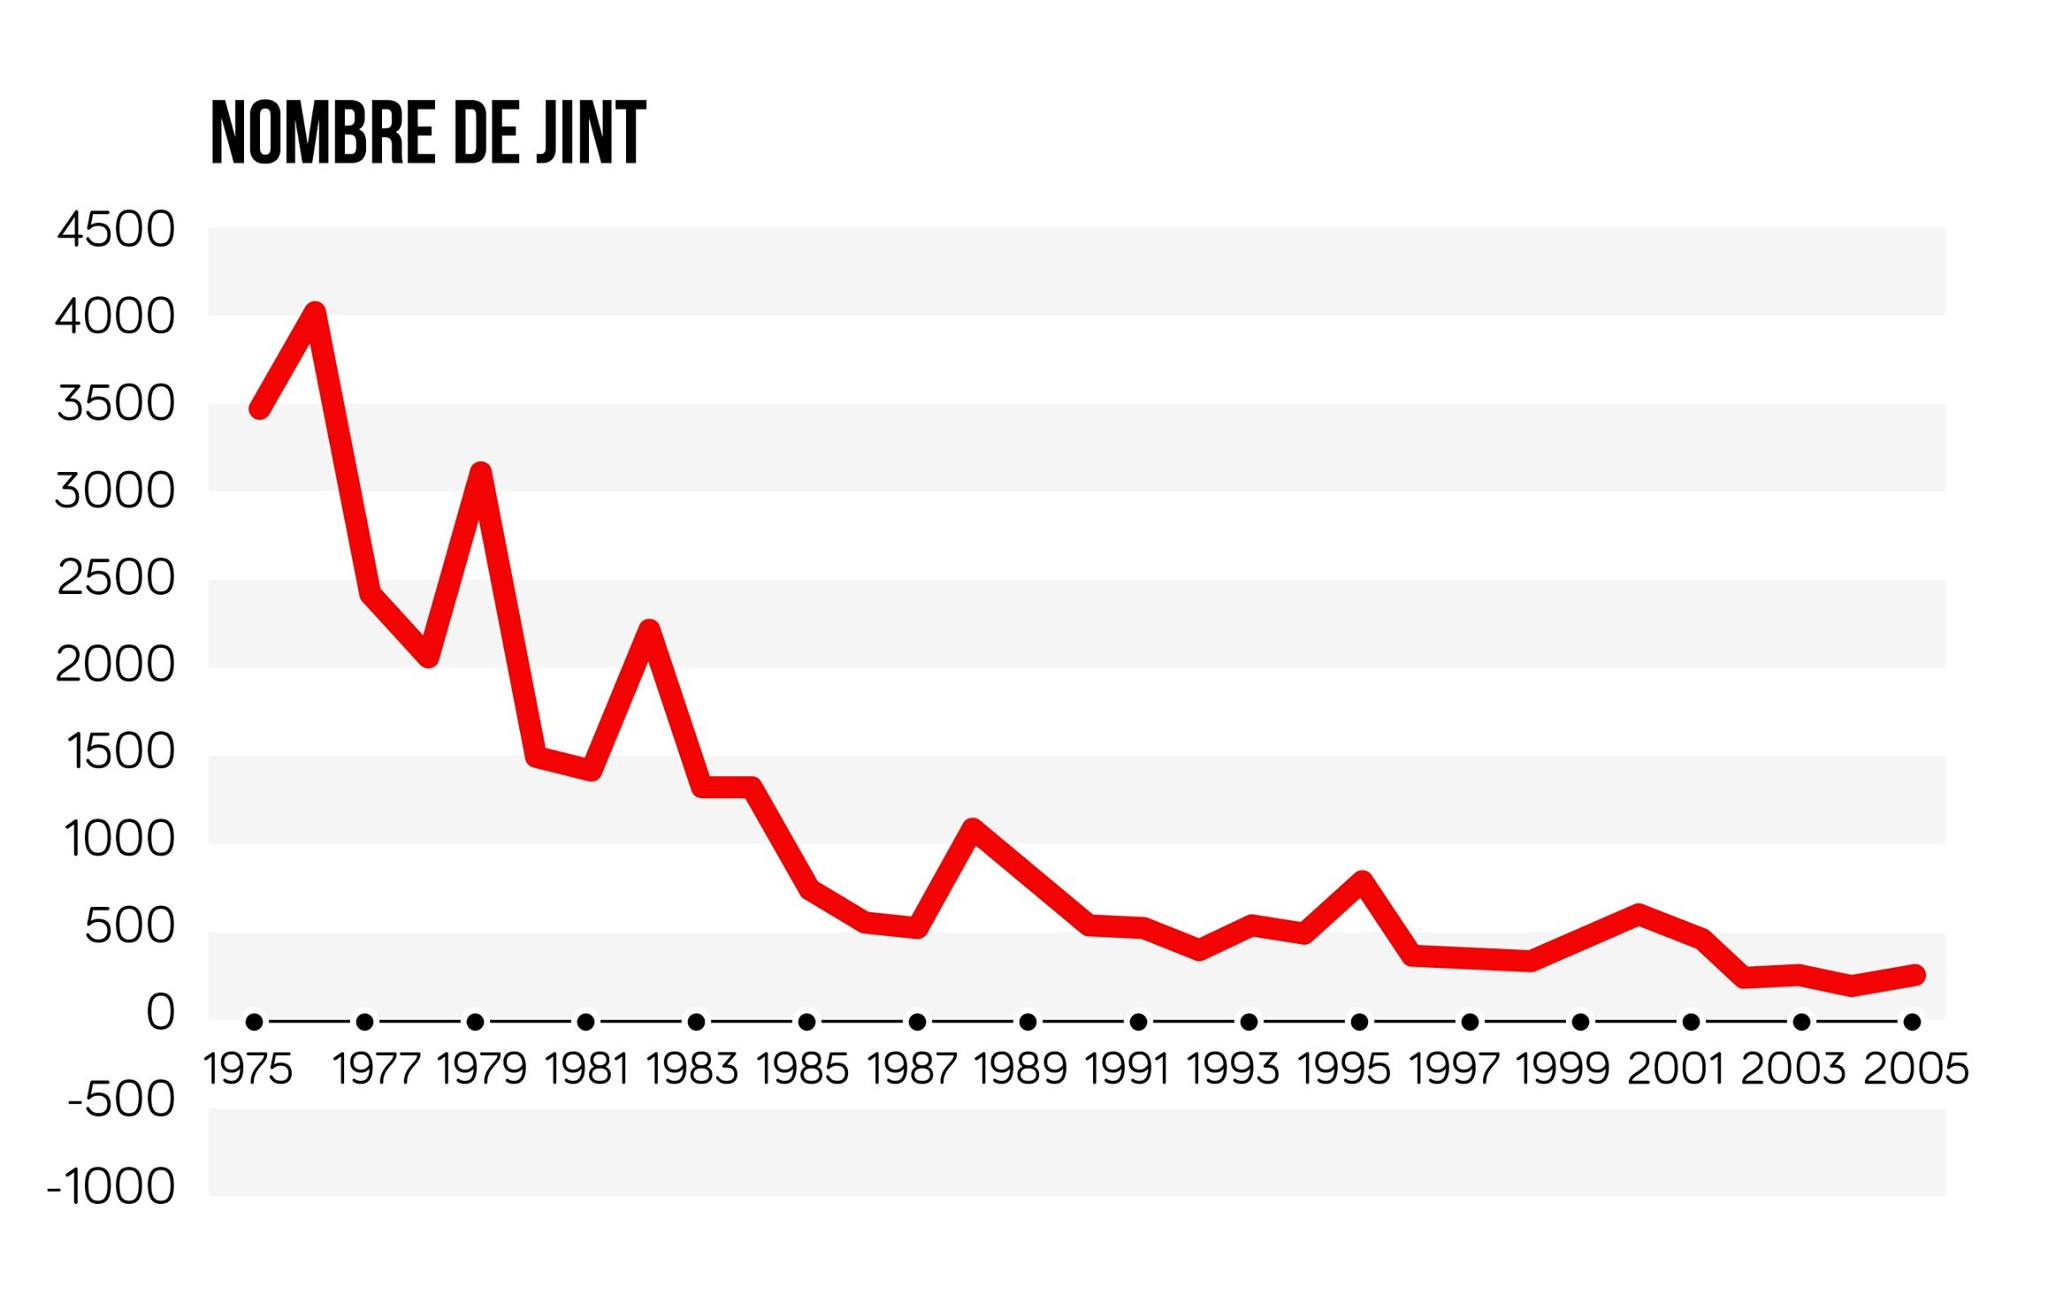 nombre de jours de grève en France entre 1975 et 2005 ses terminale